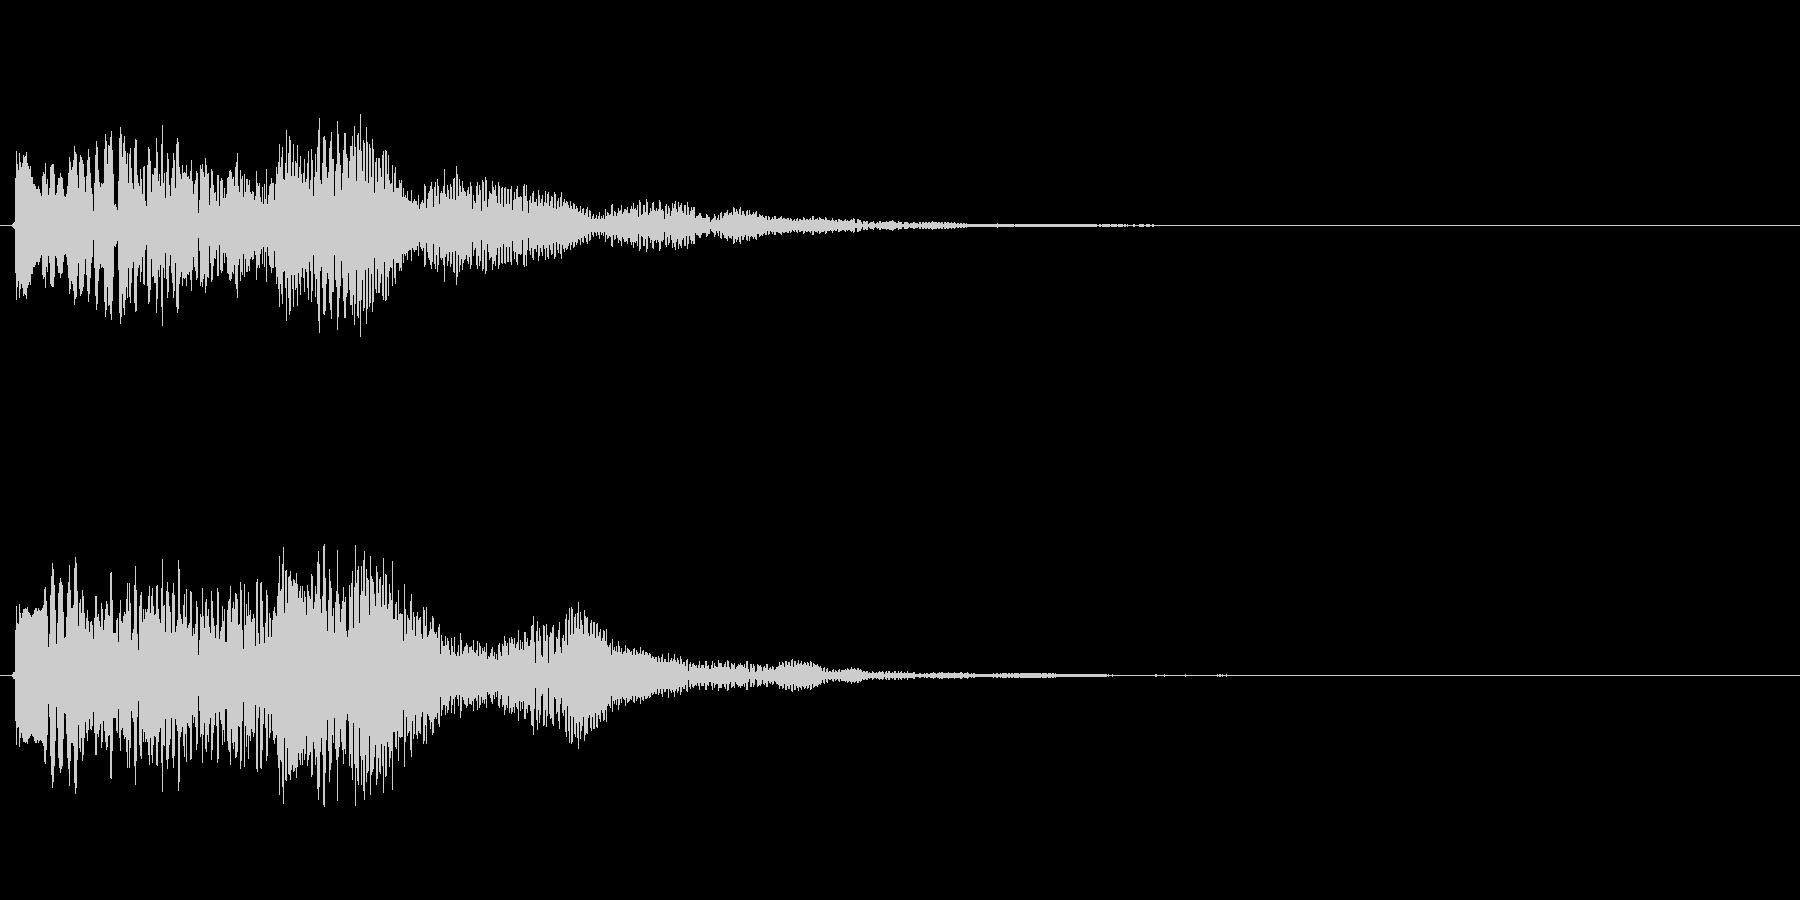 キラキラしたベルの上昇音6の未再生の波形